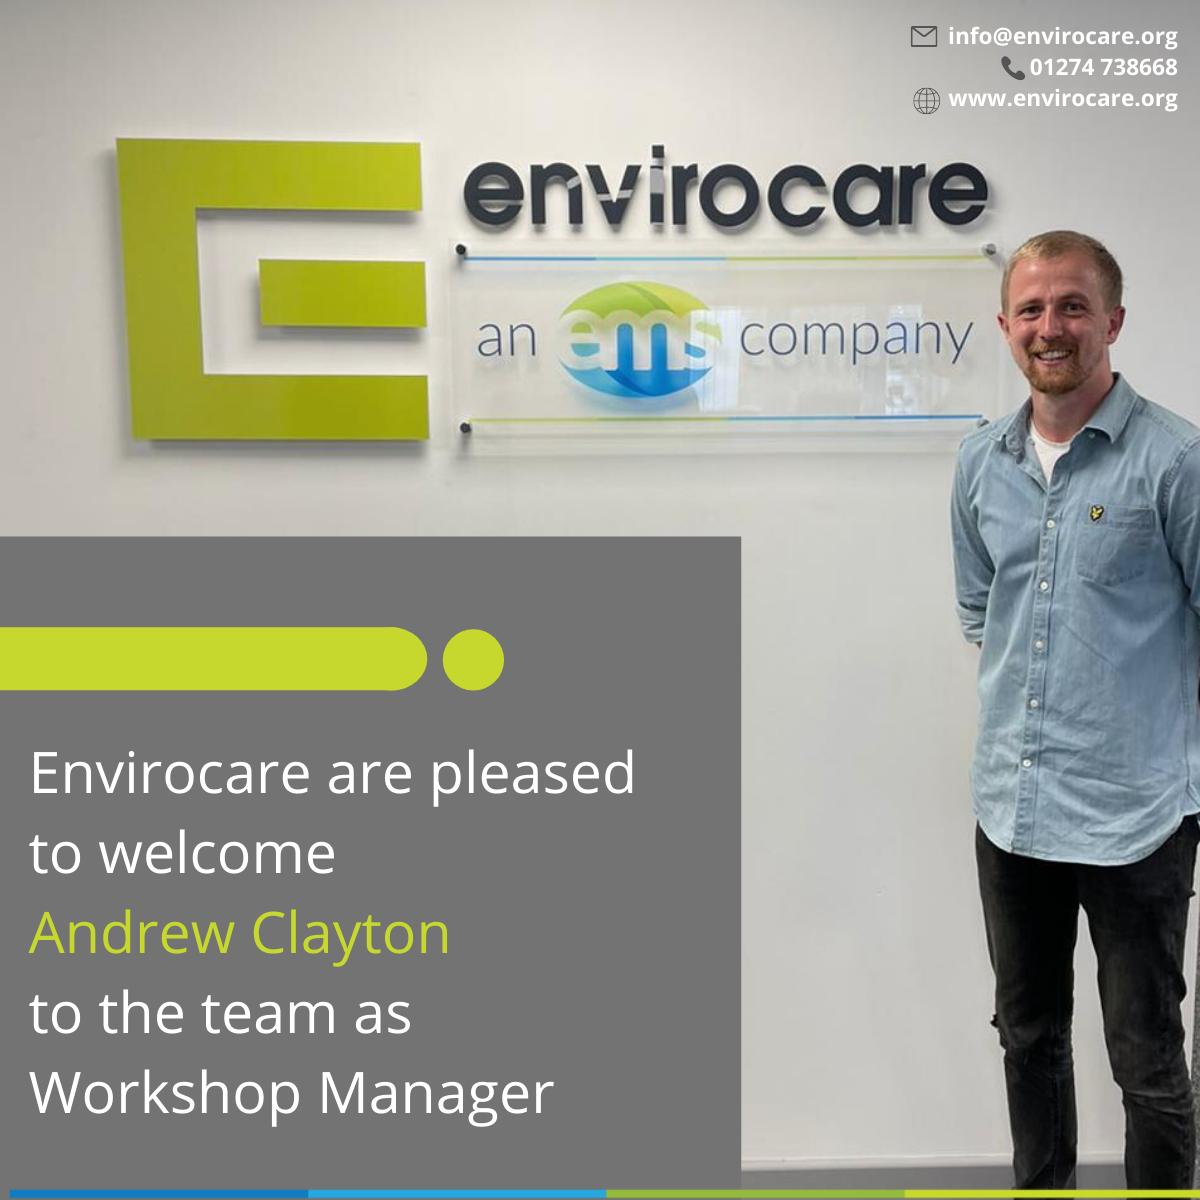 Andrew Clayton